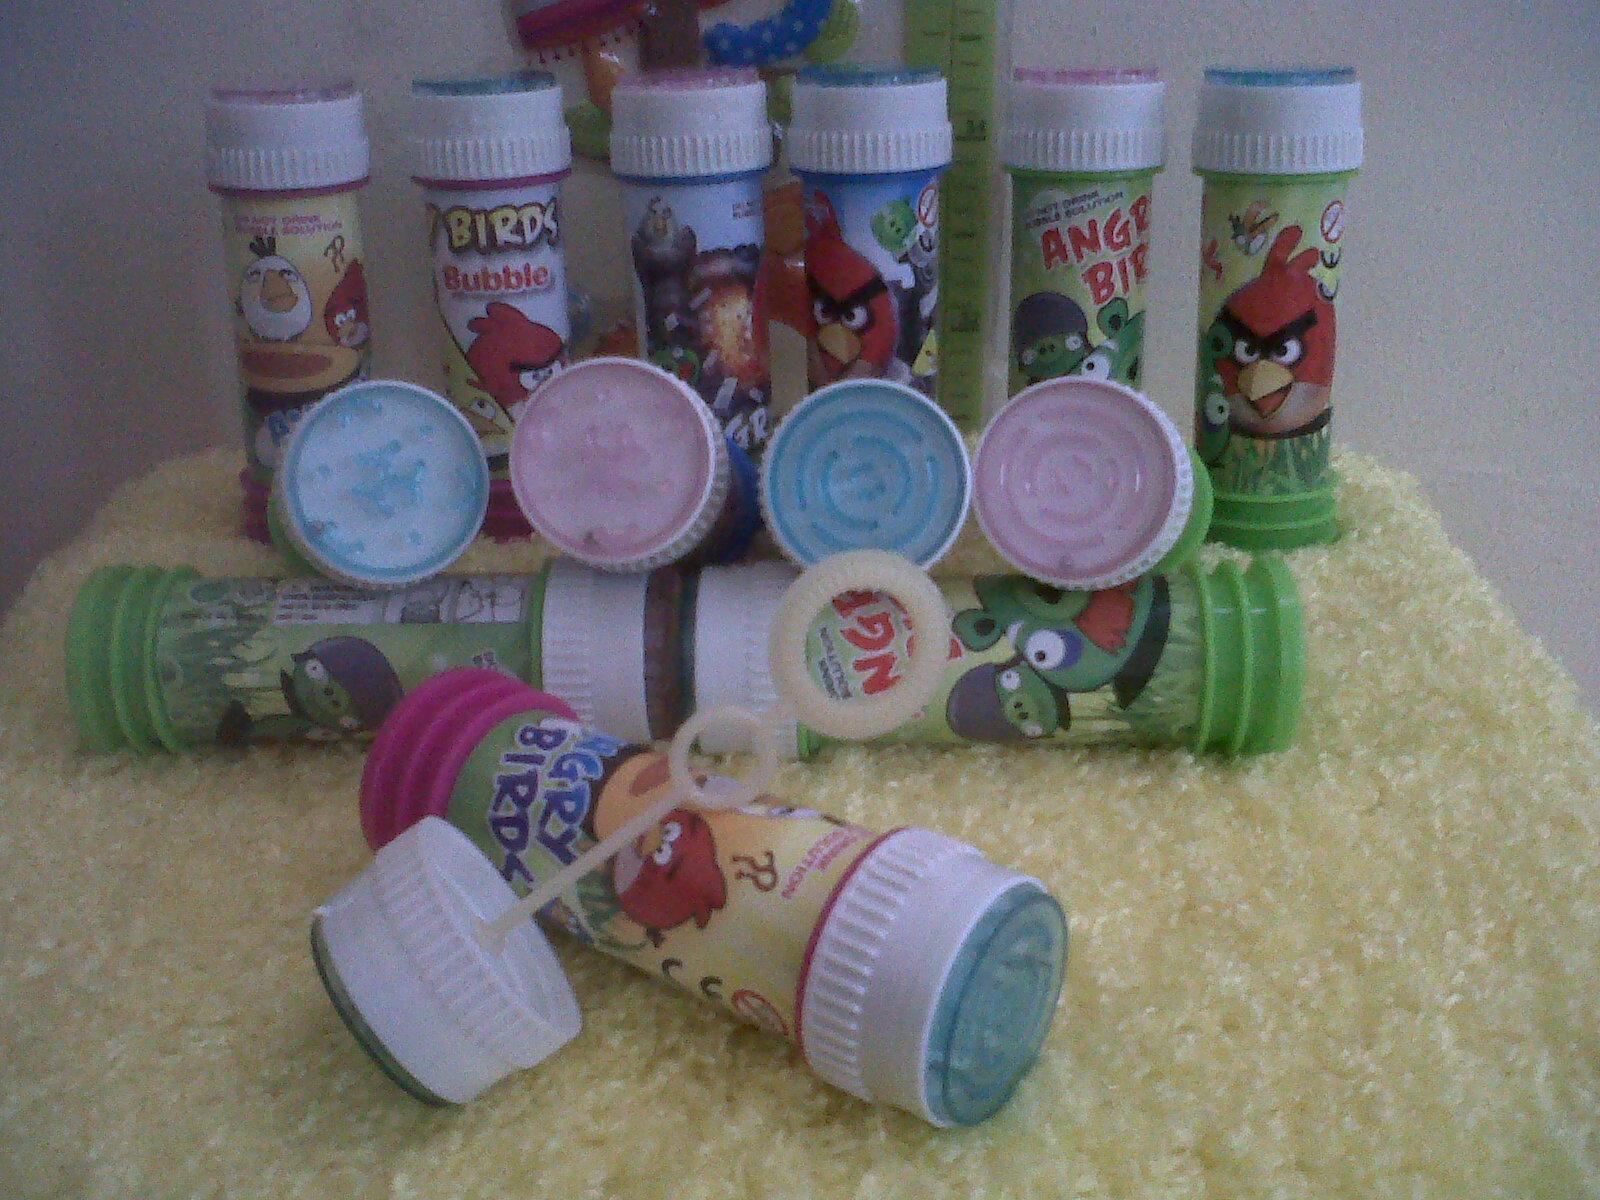 Toko Mainan Anak Dan Bayi 085218001978 Jual Mainan Anak Dan